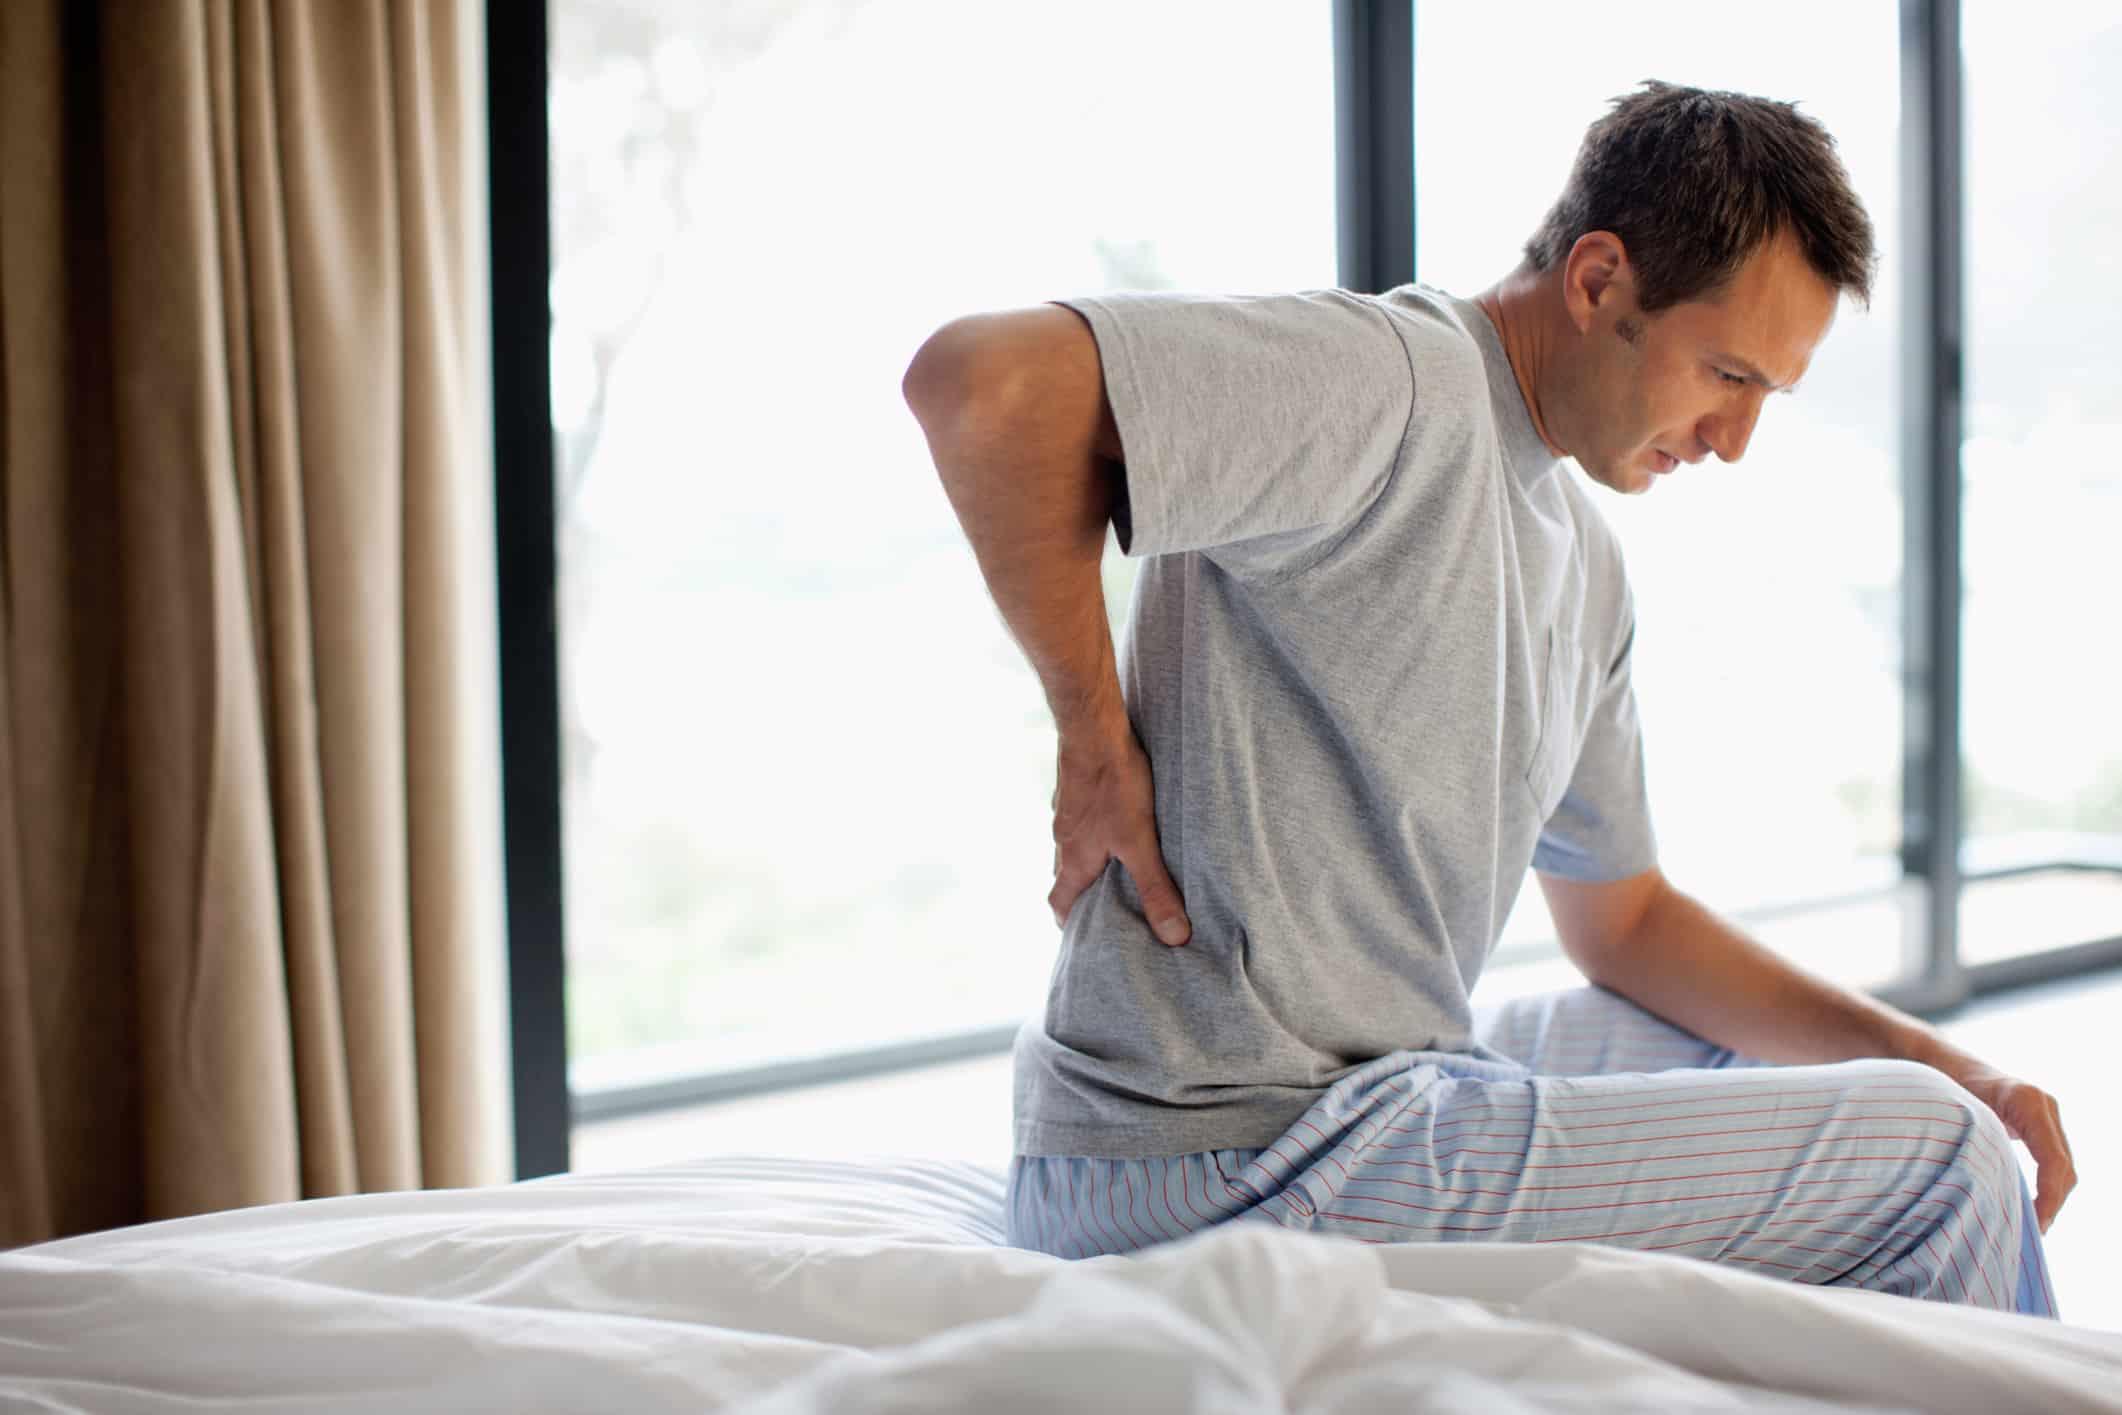 ارتباط مشاكل و تعب المعدة بآلام الصدر والظهر، آلام الصدر الناتجة عن المعدة، آلام الظهر بسبب المعدة، آلام الصدر والظهر بسبب تعب المعدة